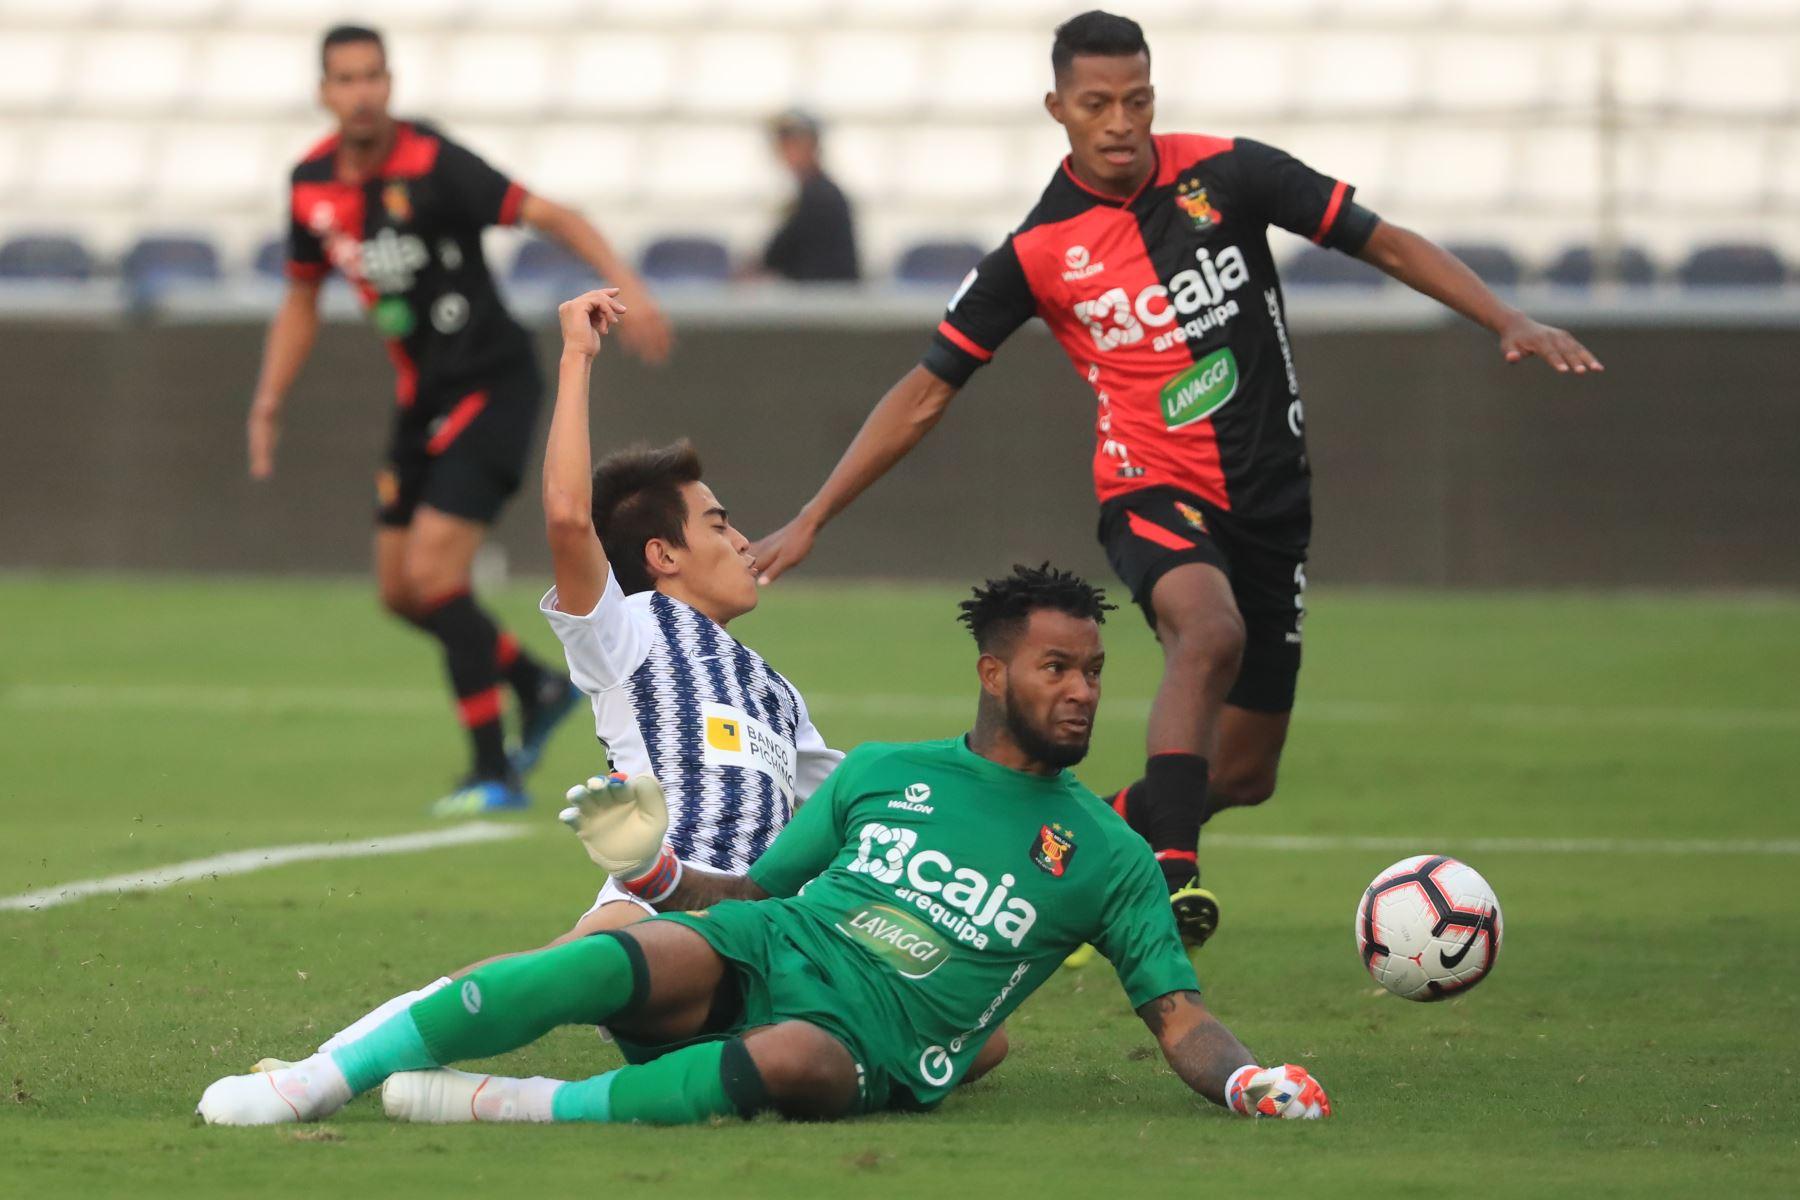 Alianza Lima derrotó al Melgar con gol de Affonso en el último minuto.  Foto: ANDINA/Juan Carlos Guzmán Negrini.